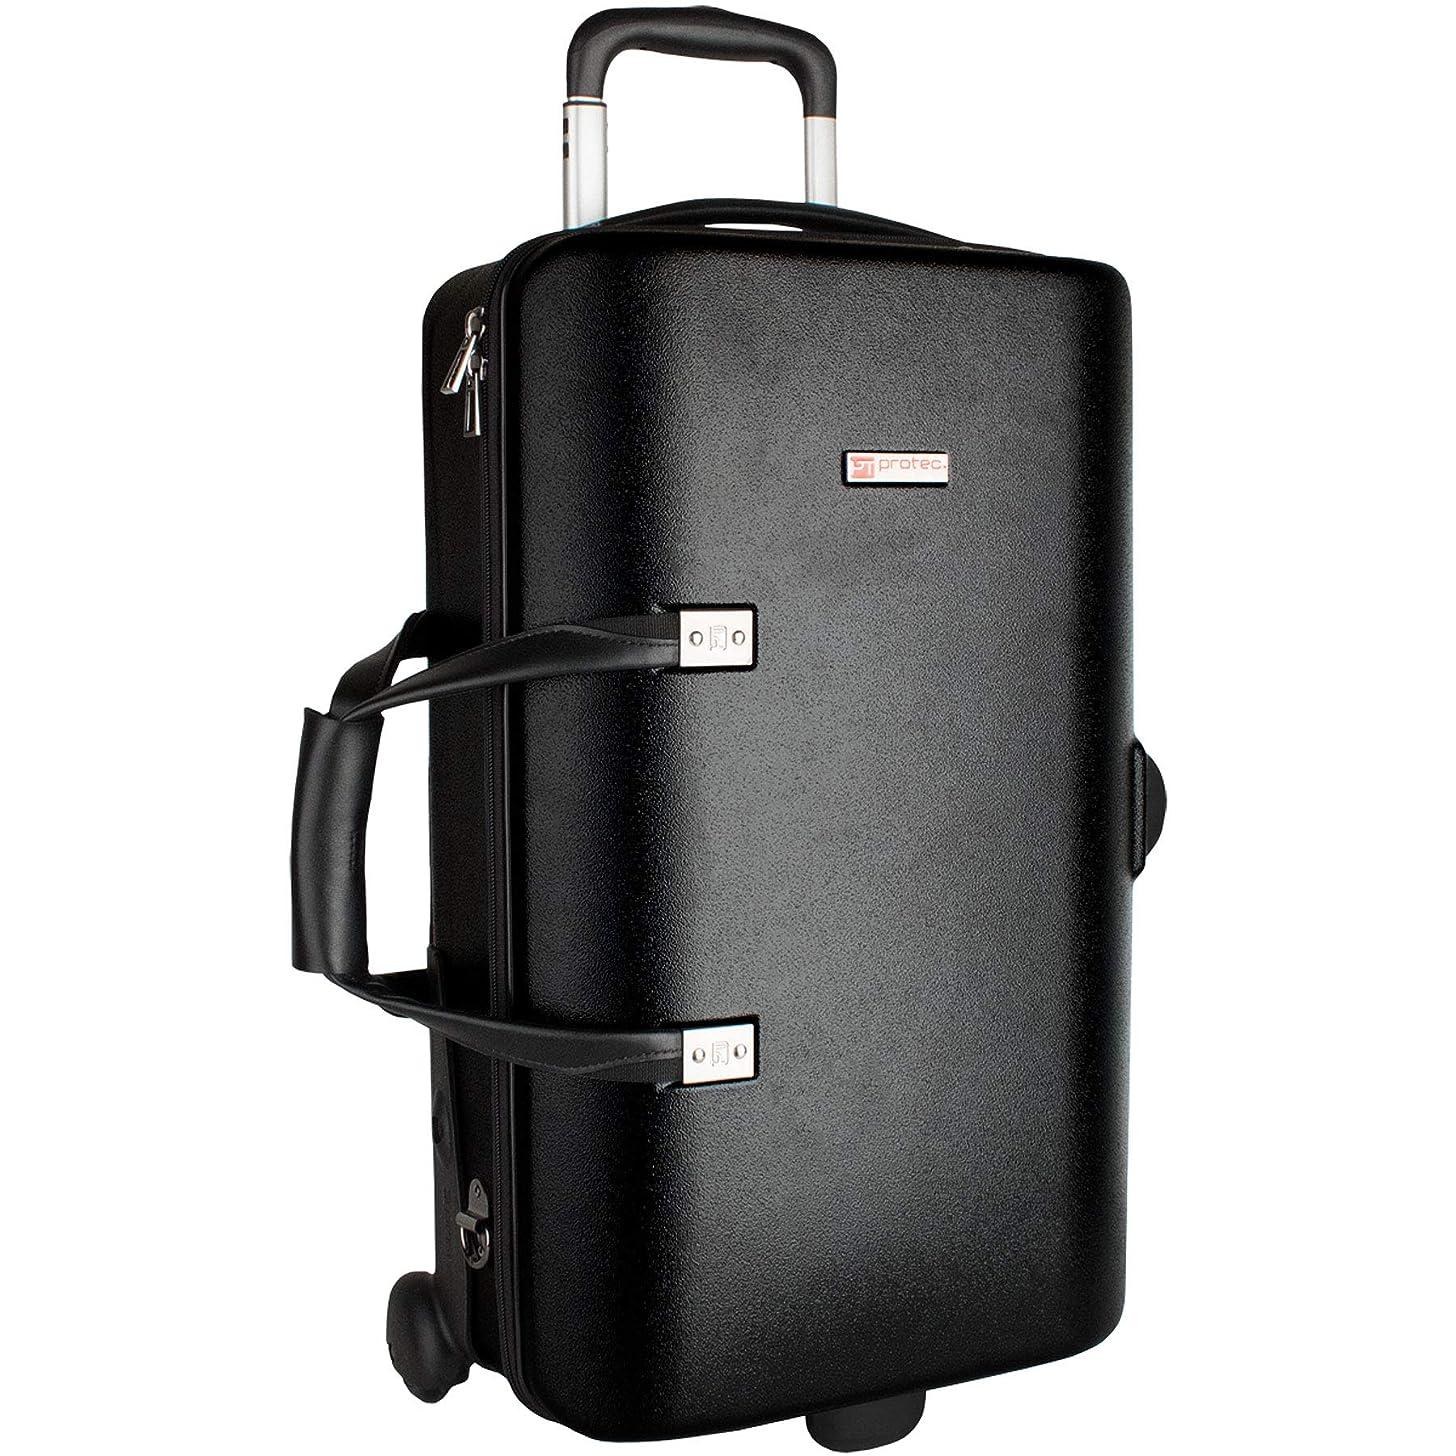 Protec Triple Trumpet Case with Wheels, Black (BLT301T)